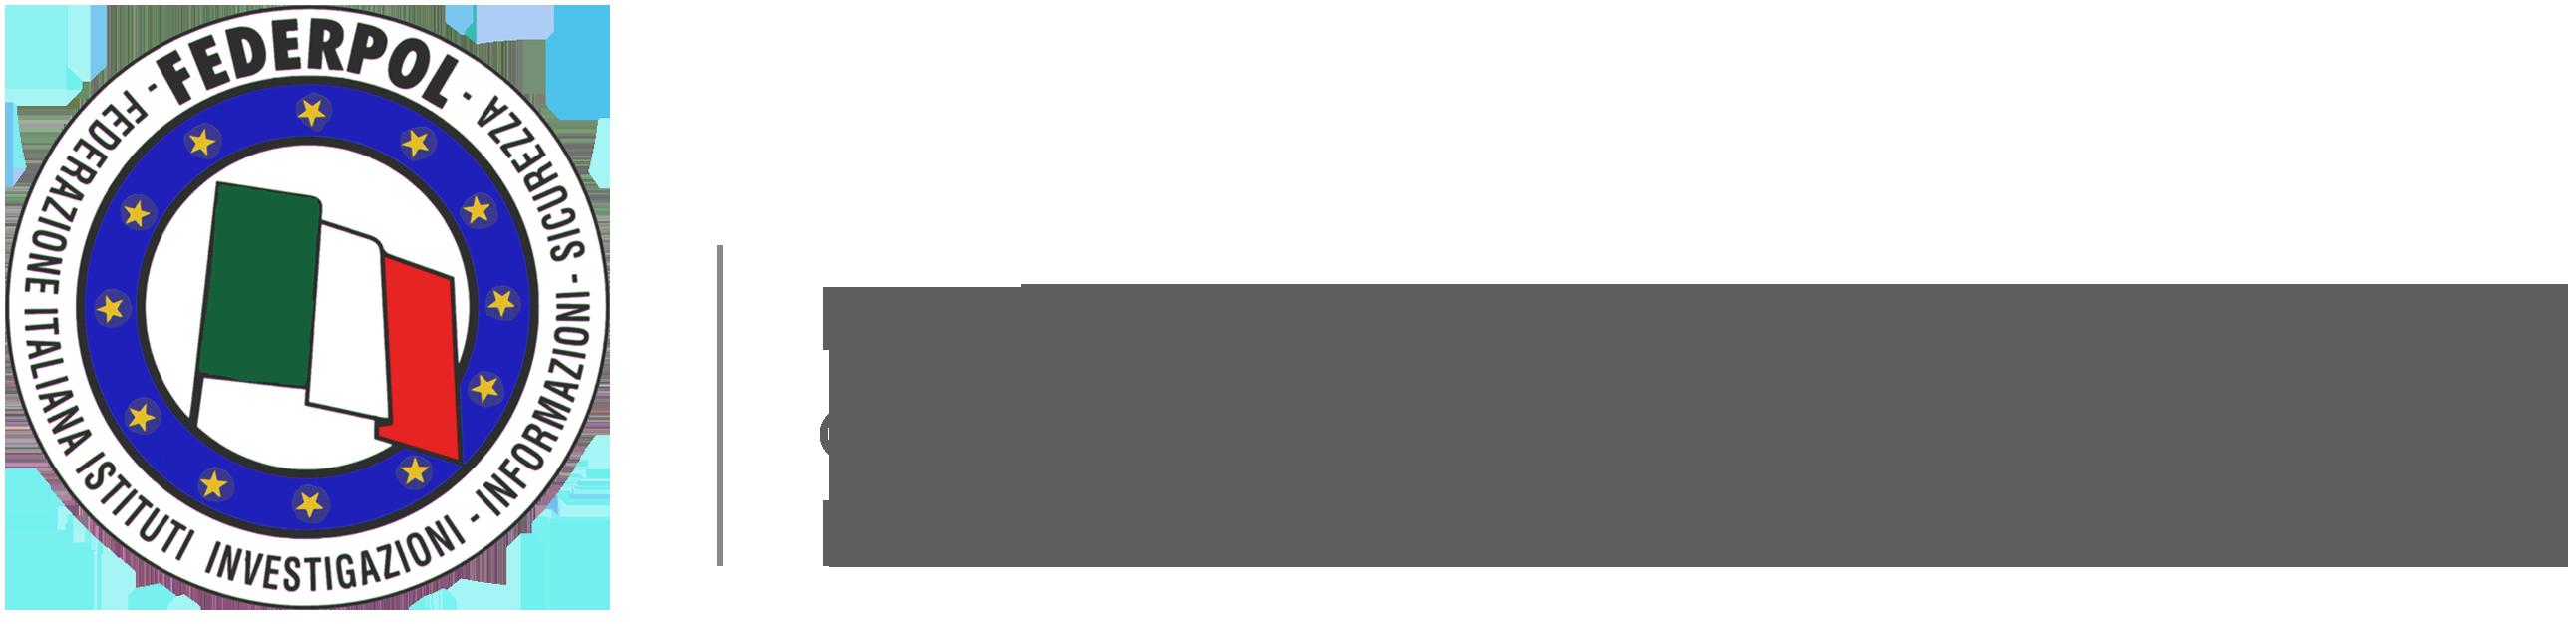 federpol-logo-ok-b